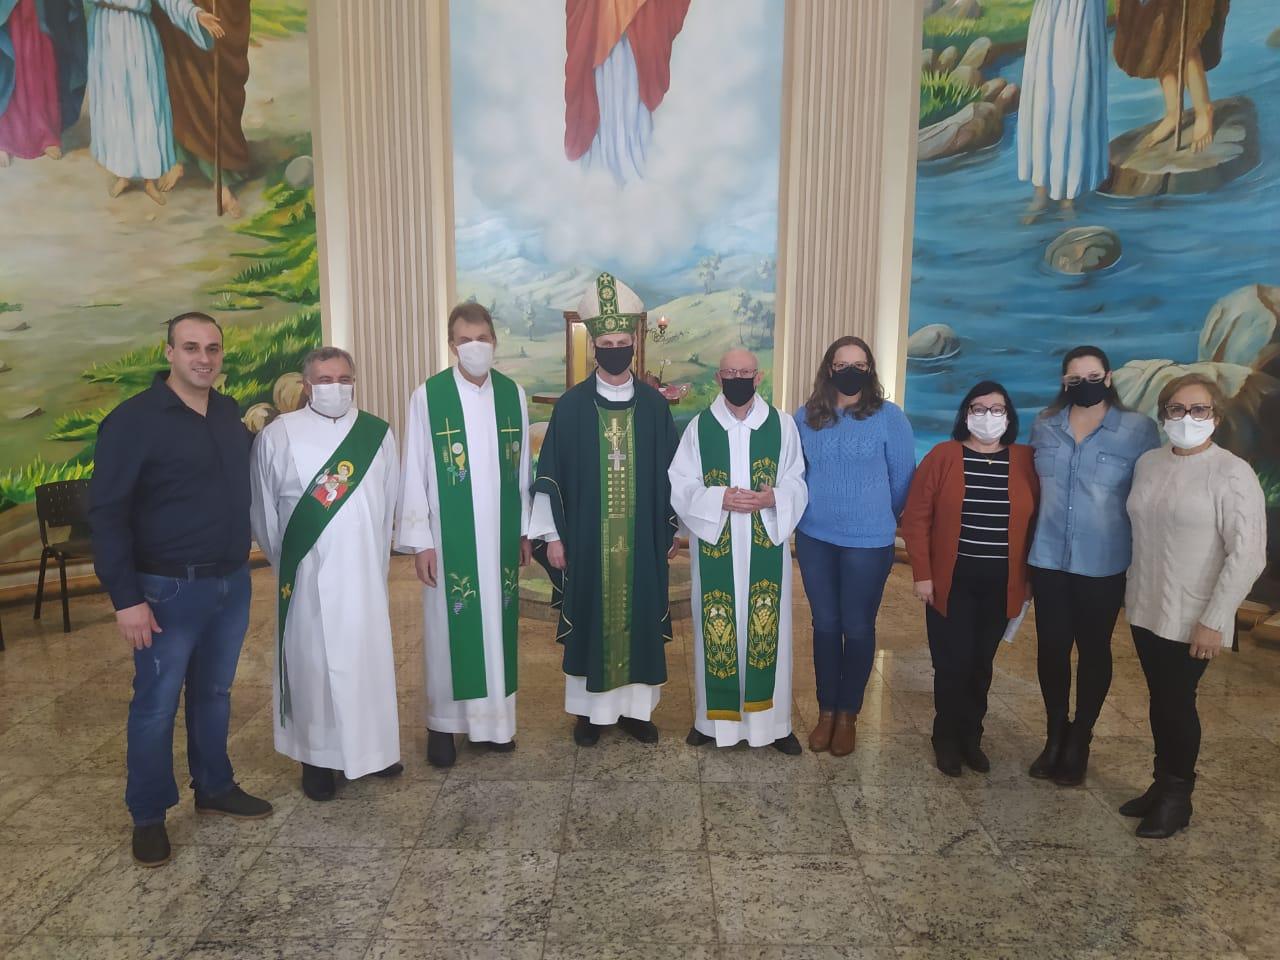 Tapejara acolhe novo Vigário Paroquial